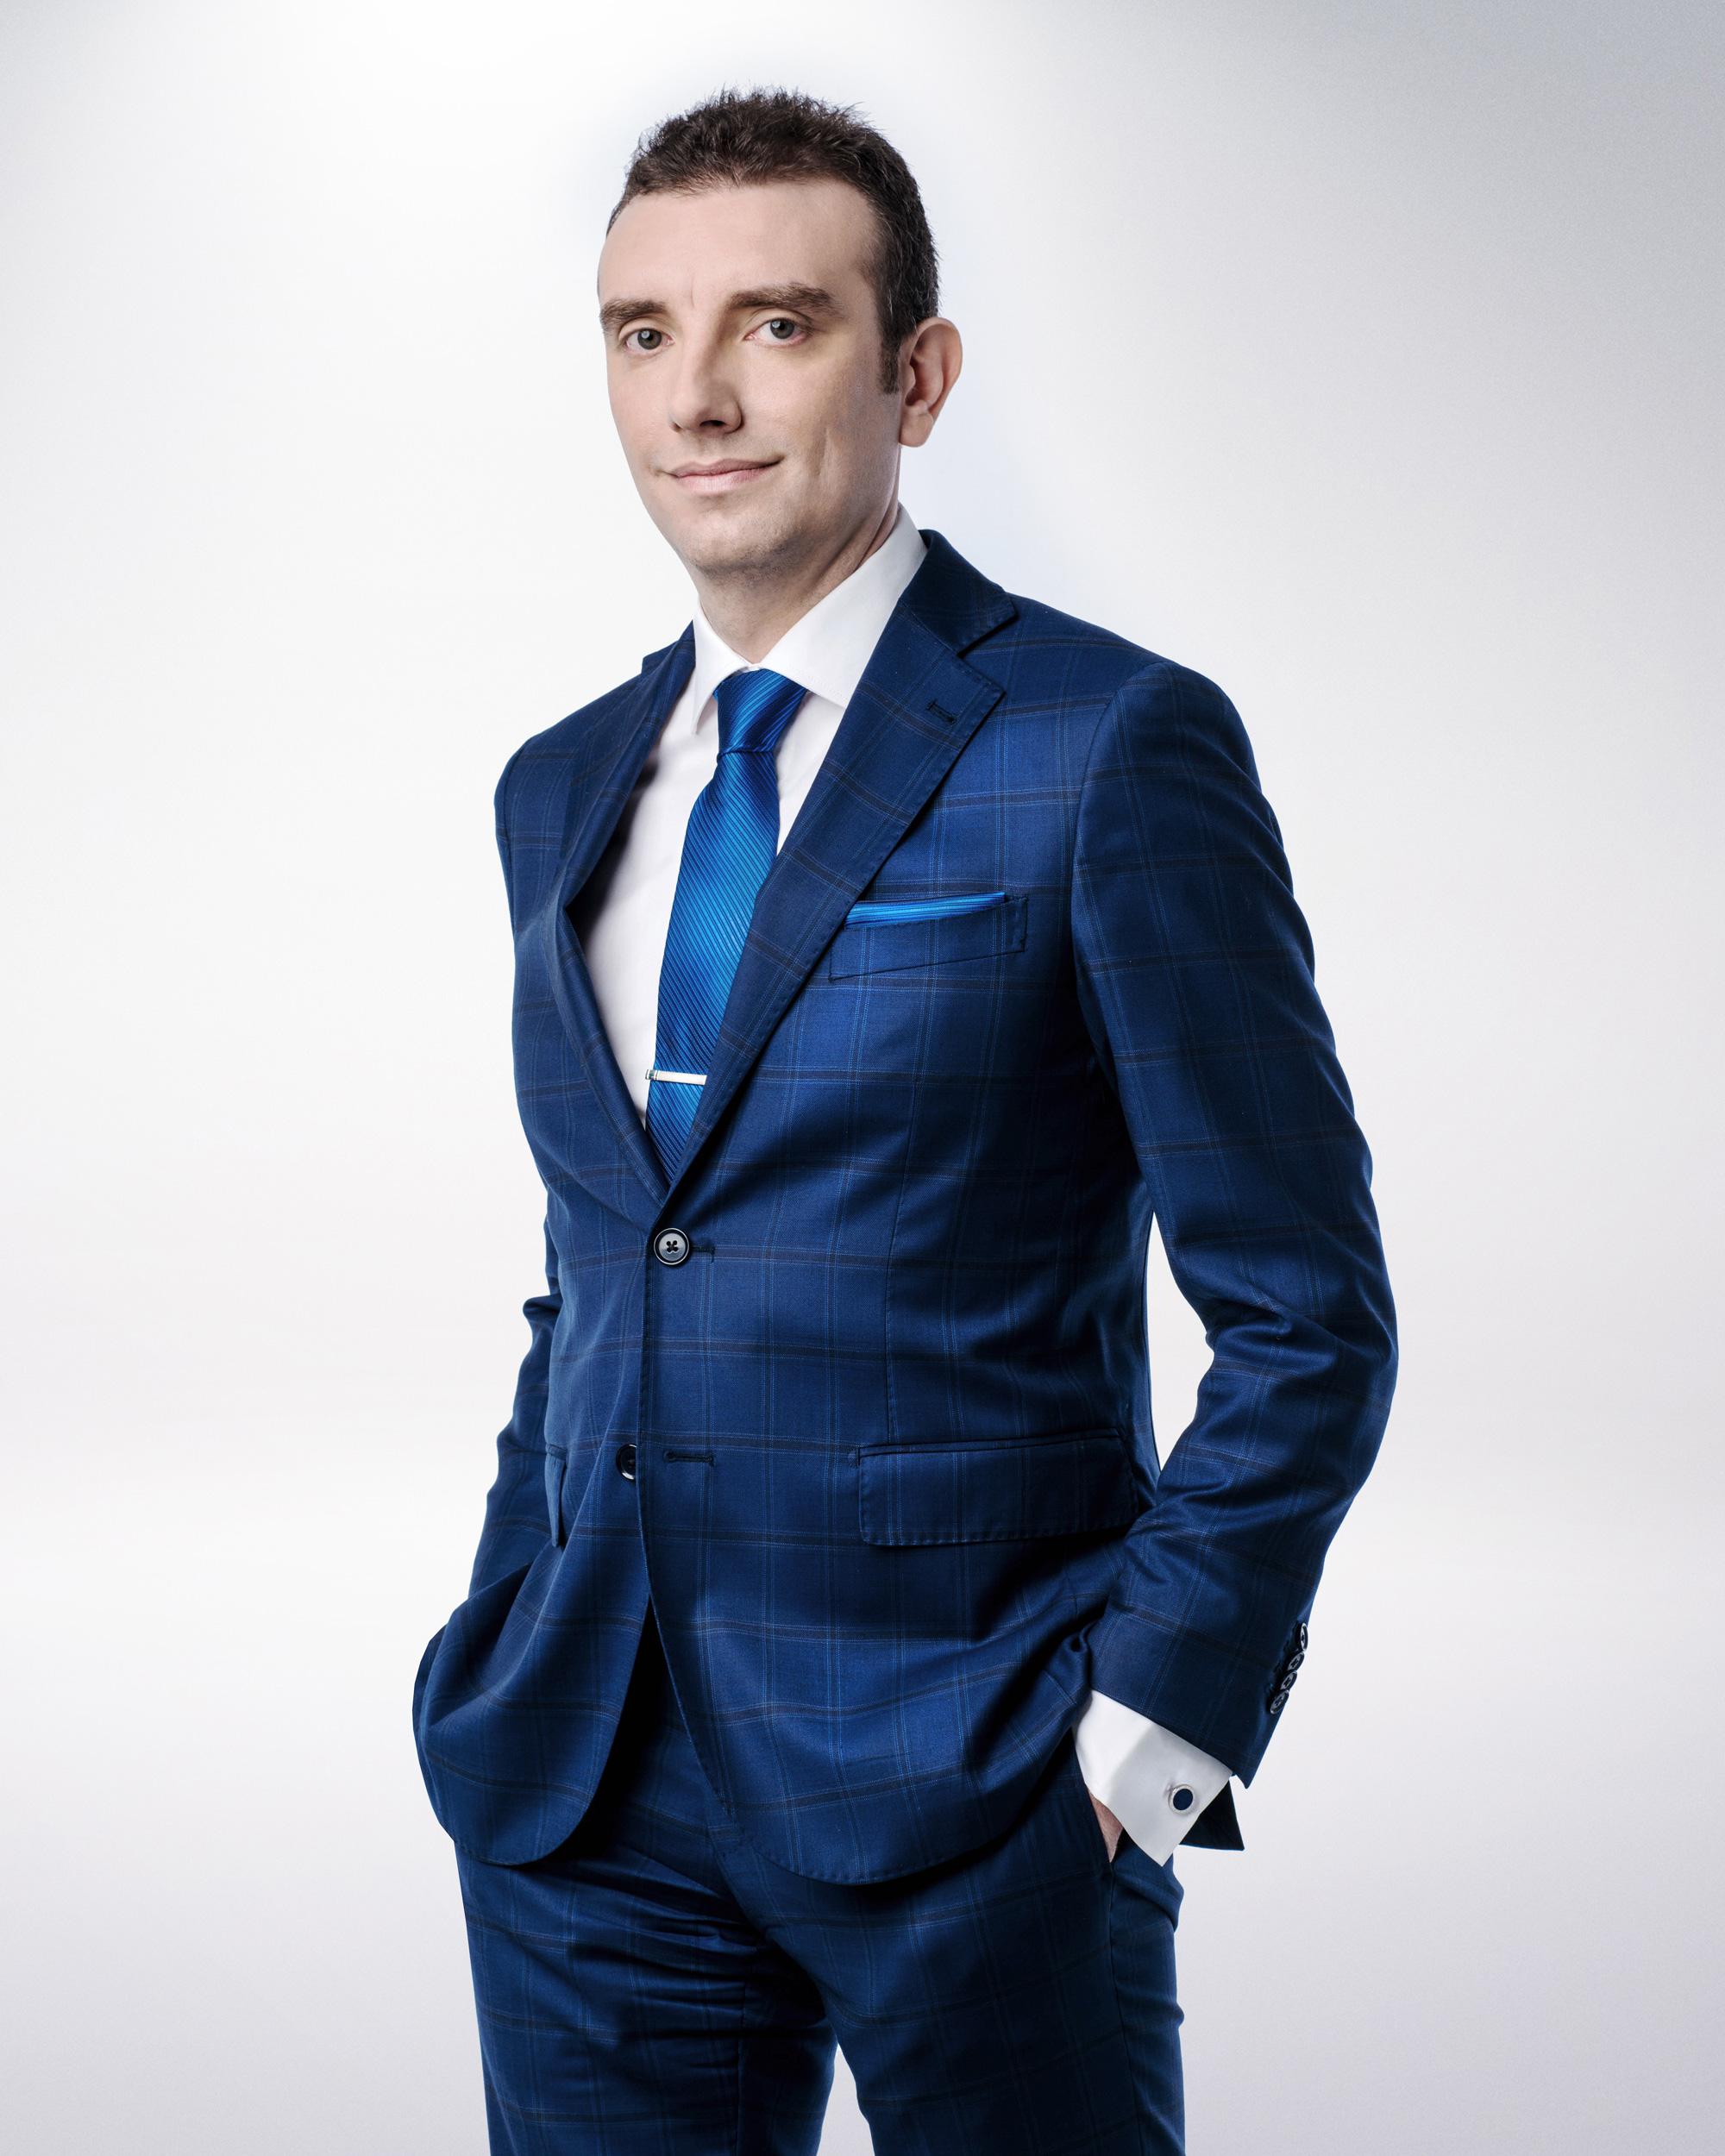 Alberto Cantarello - Athena Founding partner and Director